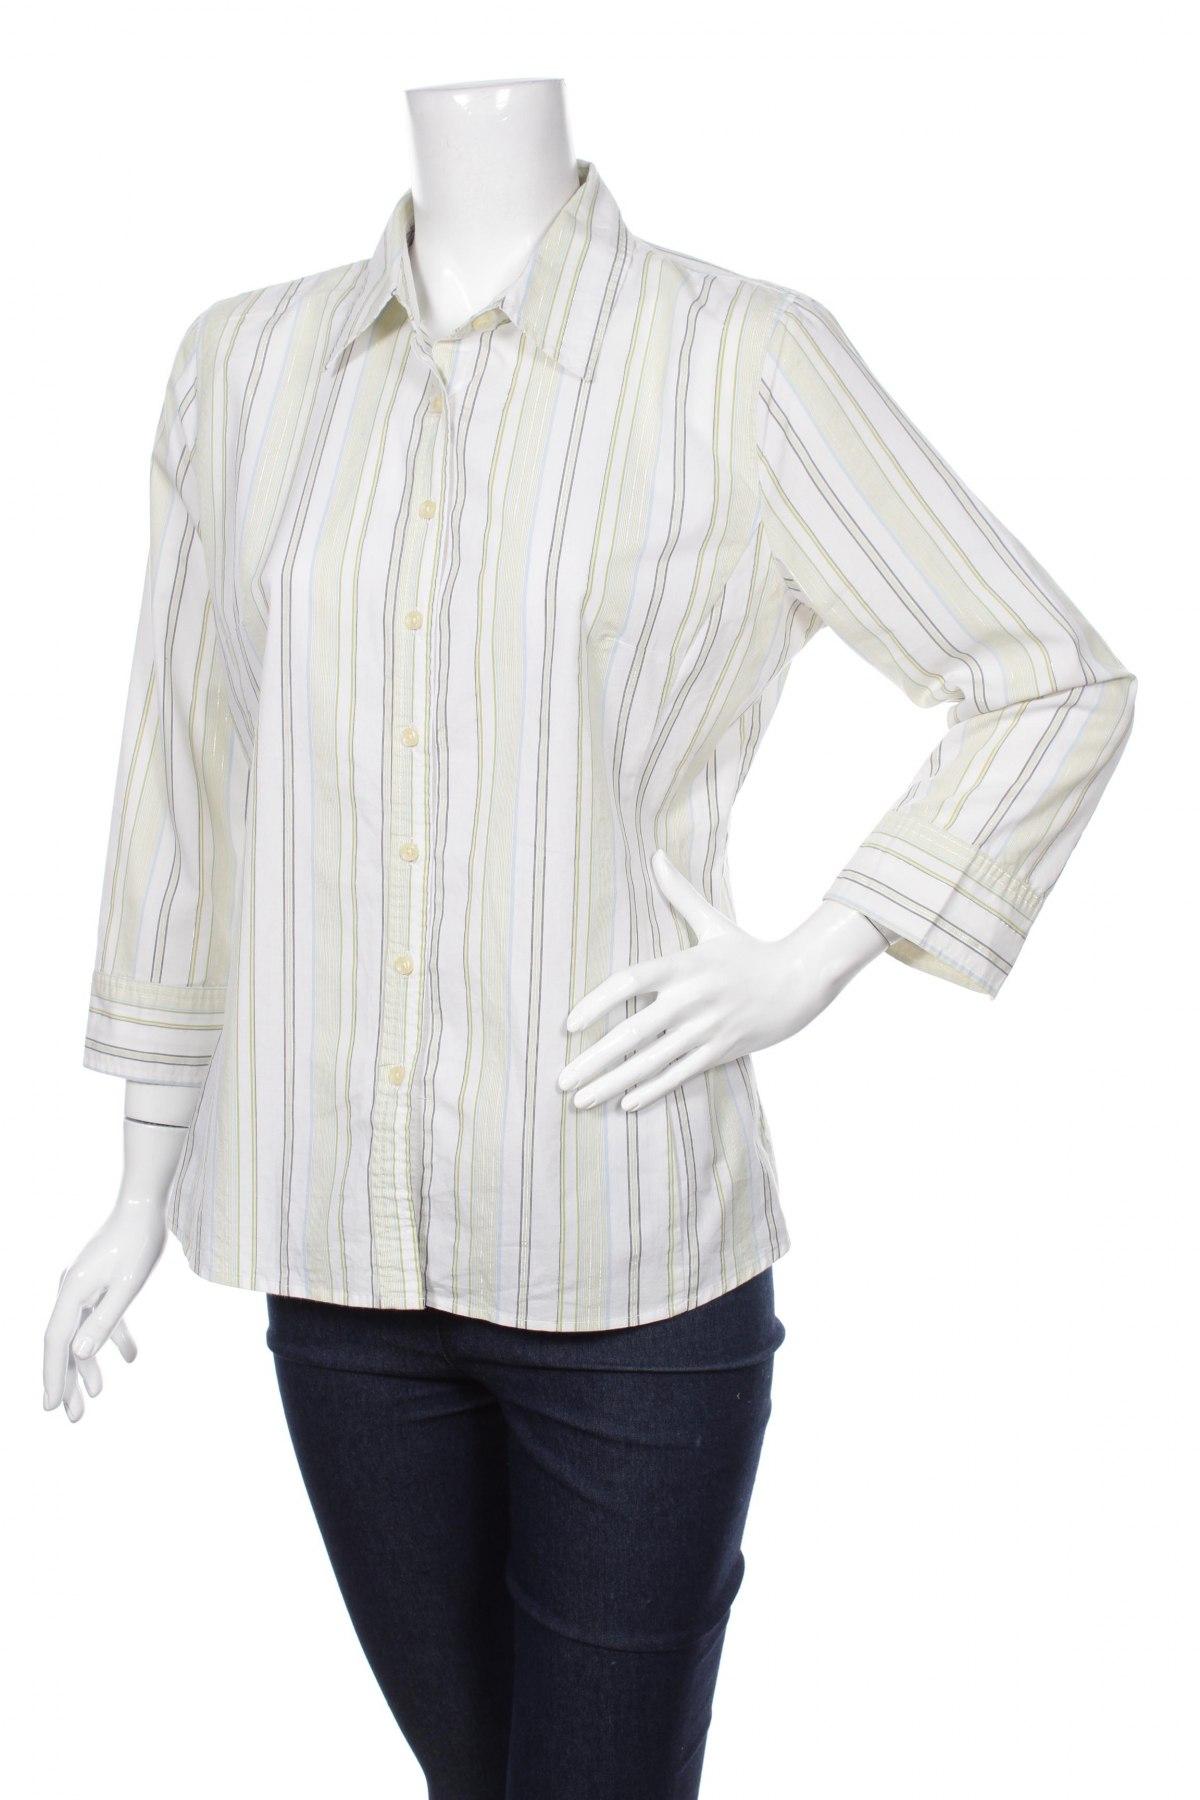 Γυναικείο πουκάμισο Merona, Μέγεθος L, Χρώμα Λευκό, 68% βαμβάκι, 28% πολυεστέρας, 3% ελαστάνη, 1% άλλα νήματα, Τιμή 16,70€